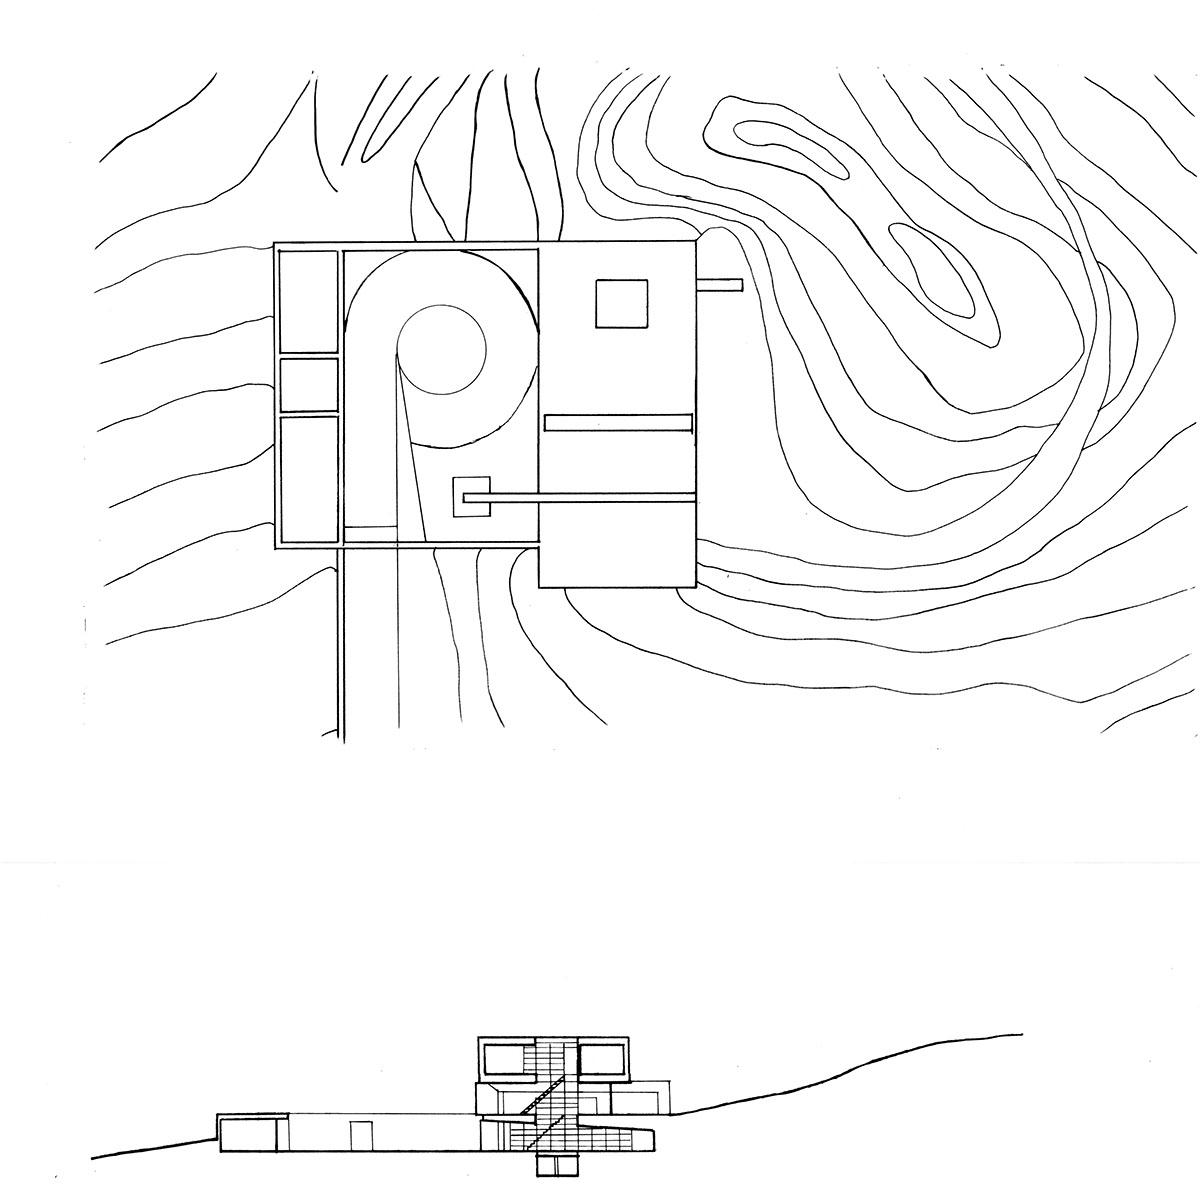 Maison Bordeaux Diagram Sketch Coloring Page